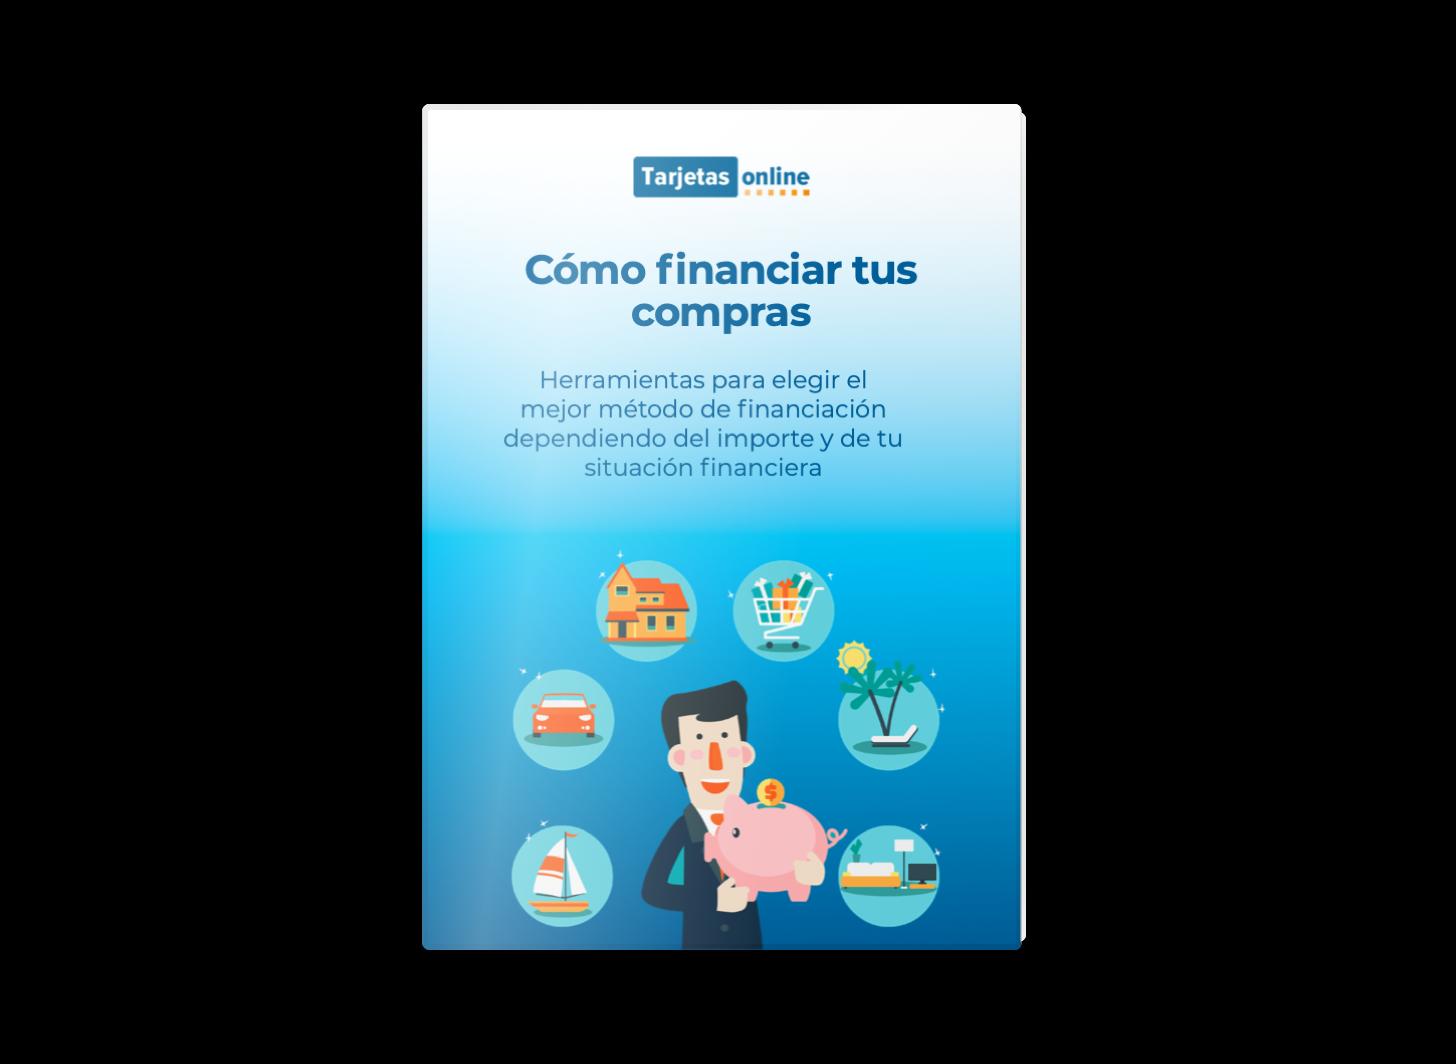 CRE-TRJ - Portada 3D - Cómo financiar tus compras (3)-1